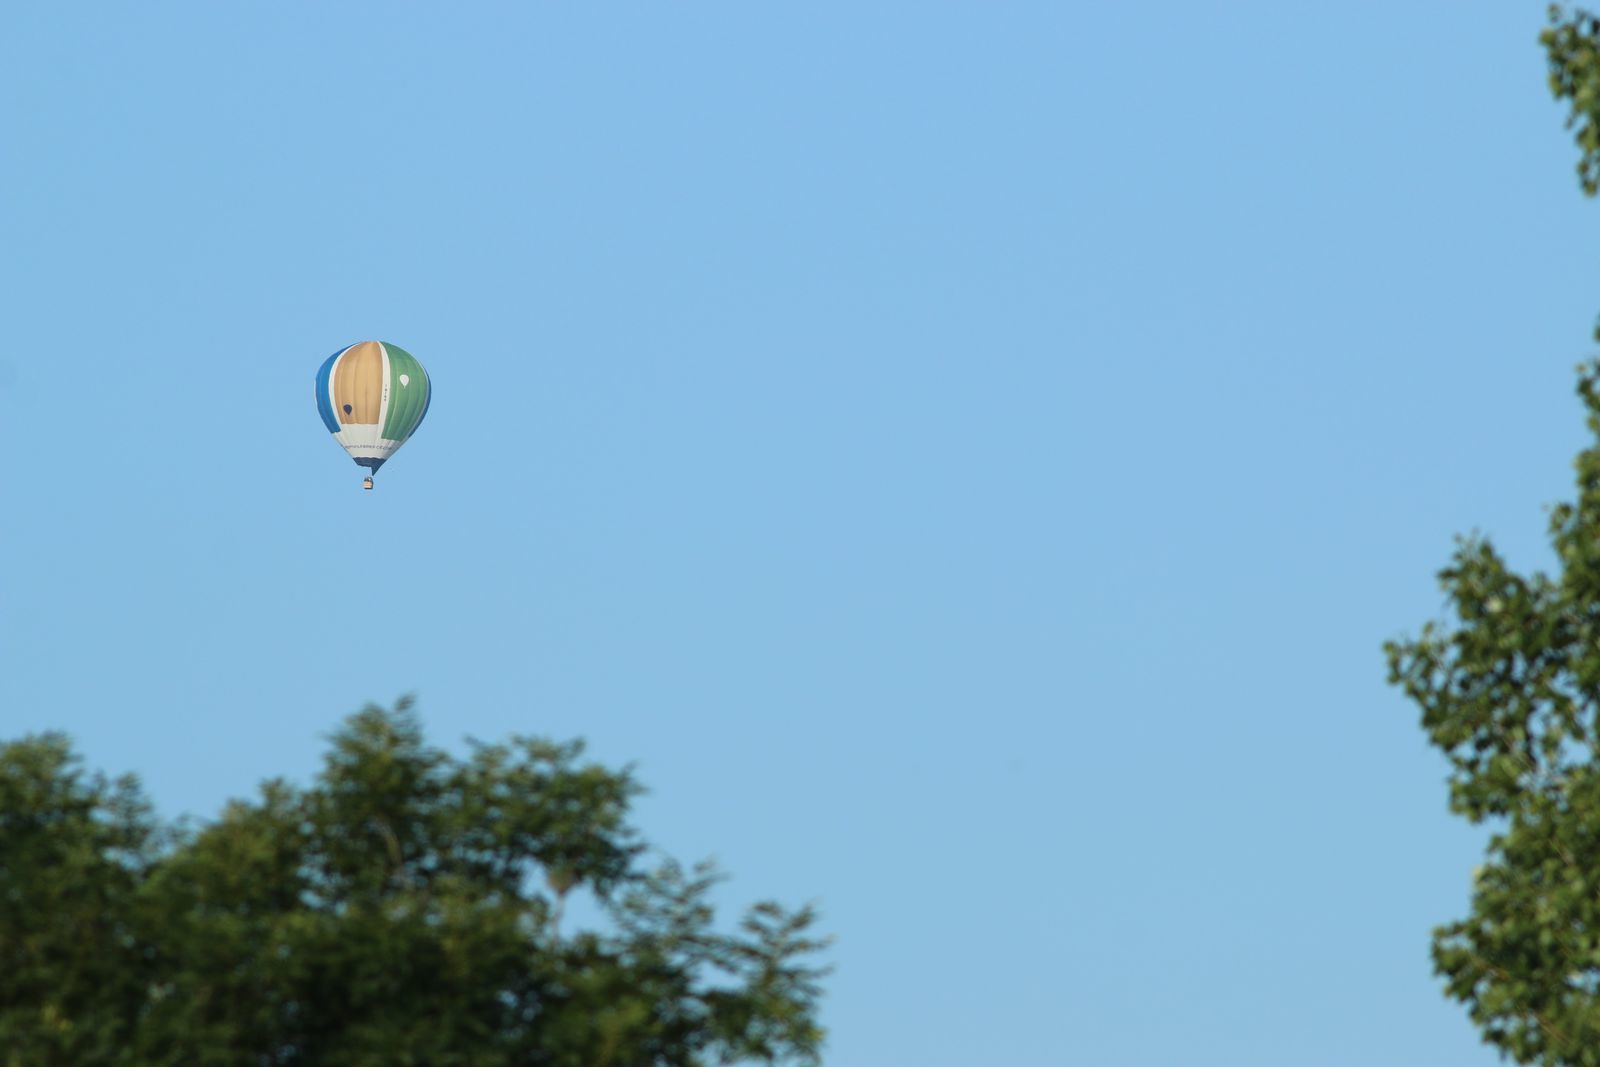 Le premier WE de juin, c'est la commémoration du premier vol des frères Montgolfier à Annonay.